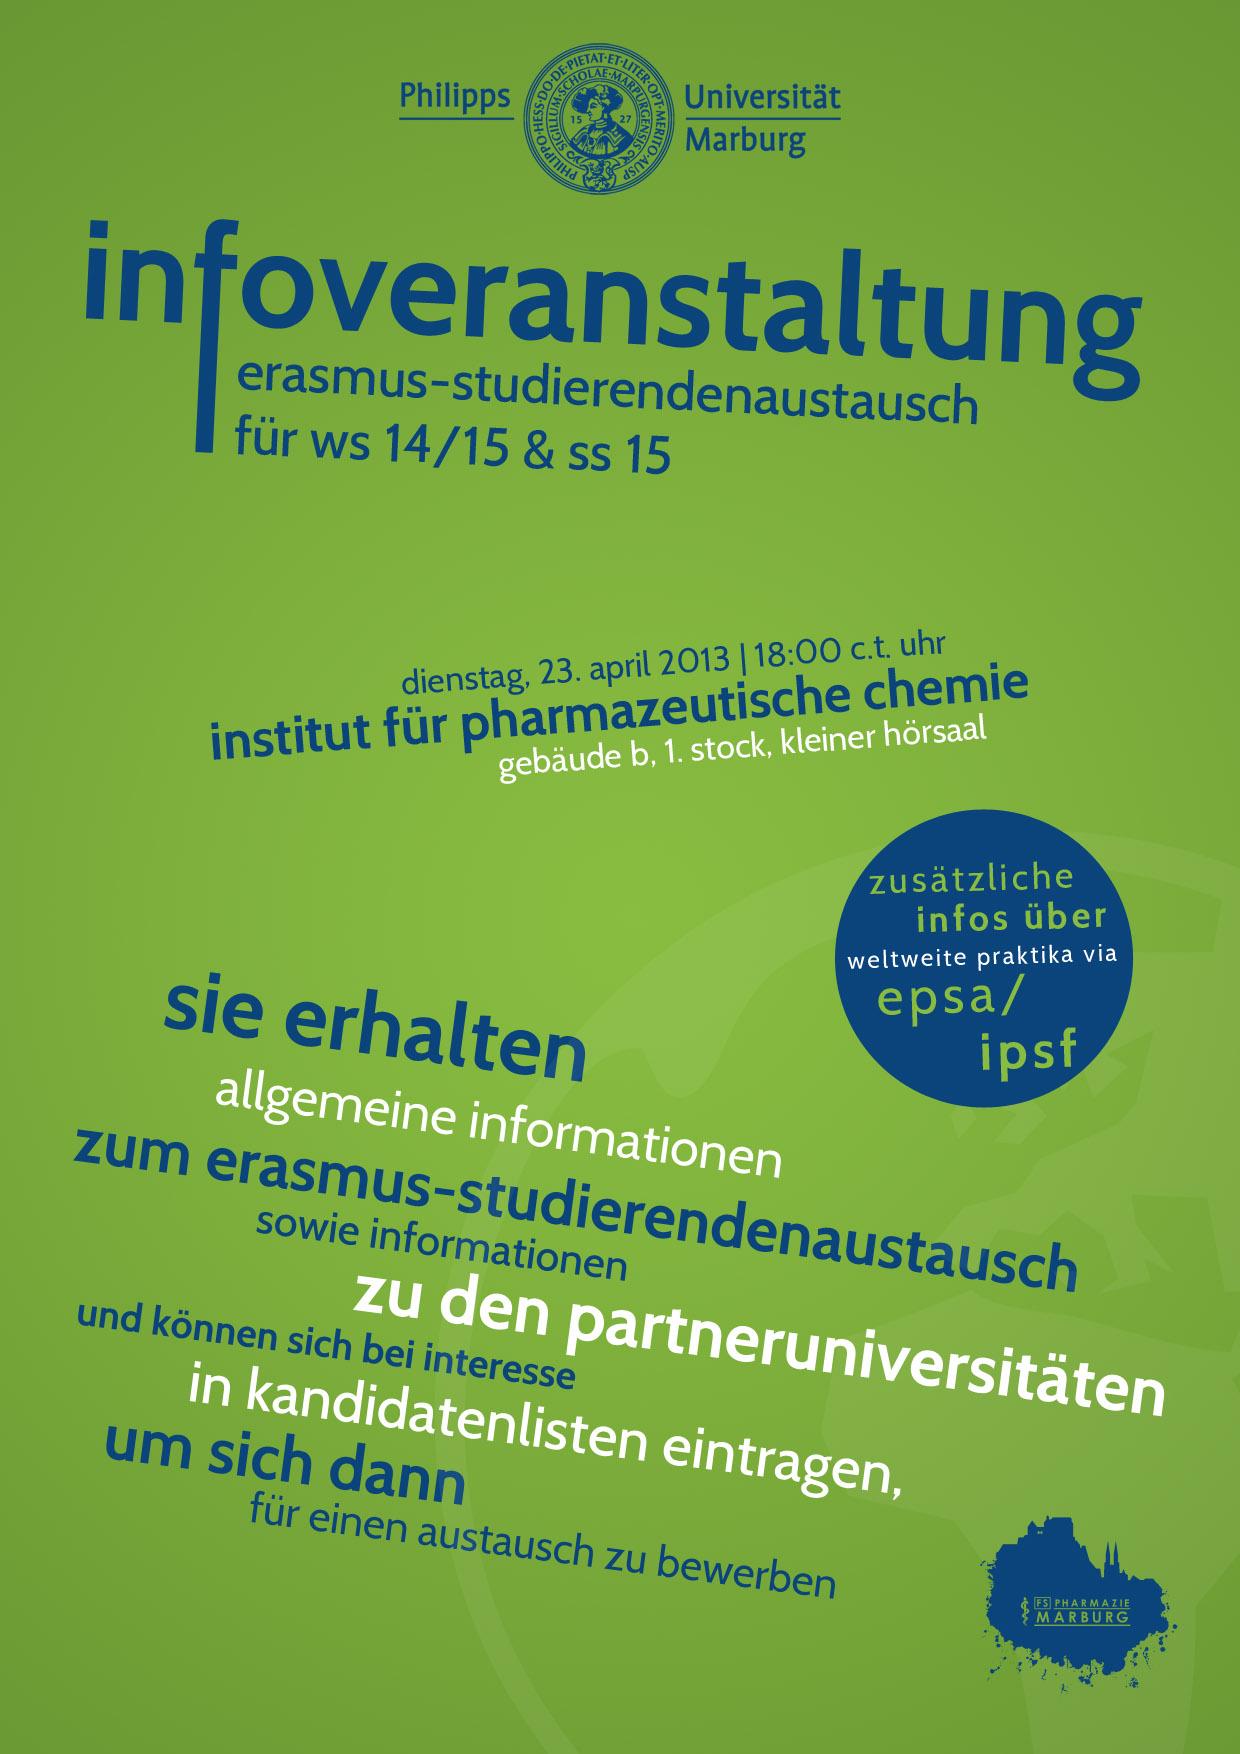 Infoveranstaltung ERASMUS-Studierendenaustausch für WS 14/15 und SS 15 @ Institut für Pharmazeutische Chemie Gebäude B, 1. Stock Kleiner Hörsaal. | Marburg | Hessen | Deutschland